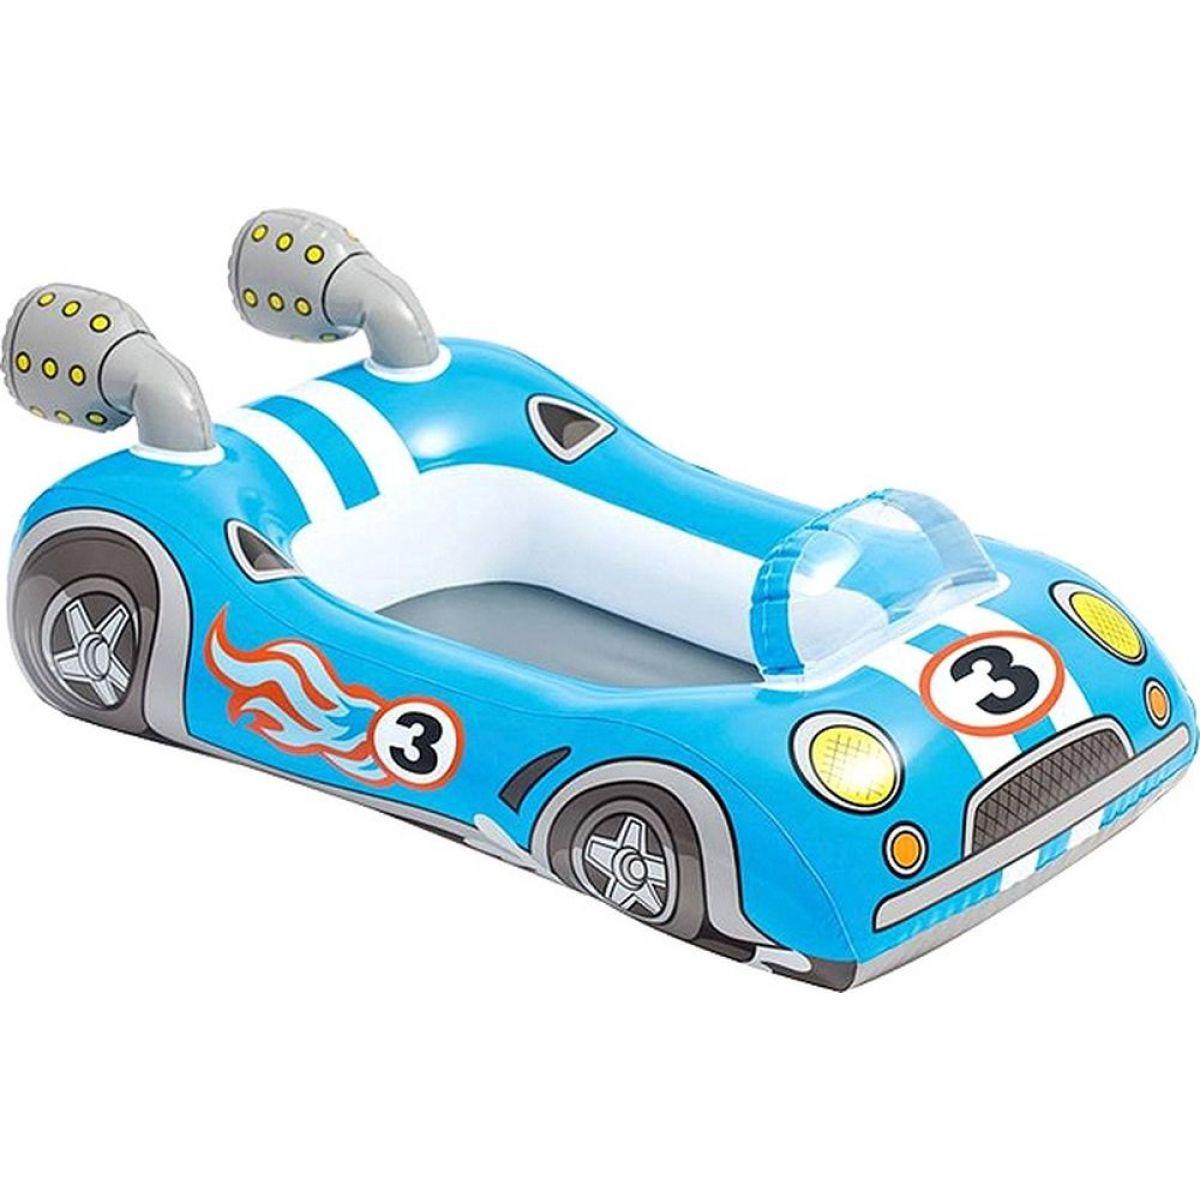 Čln detský Intex 59380 - Závodné auto modré